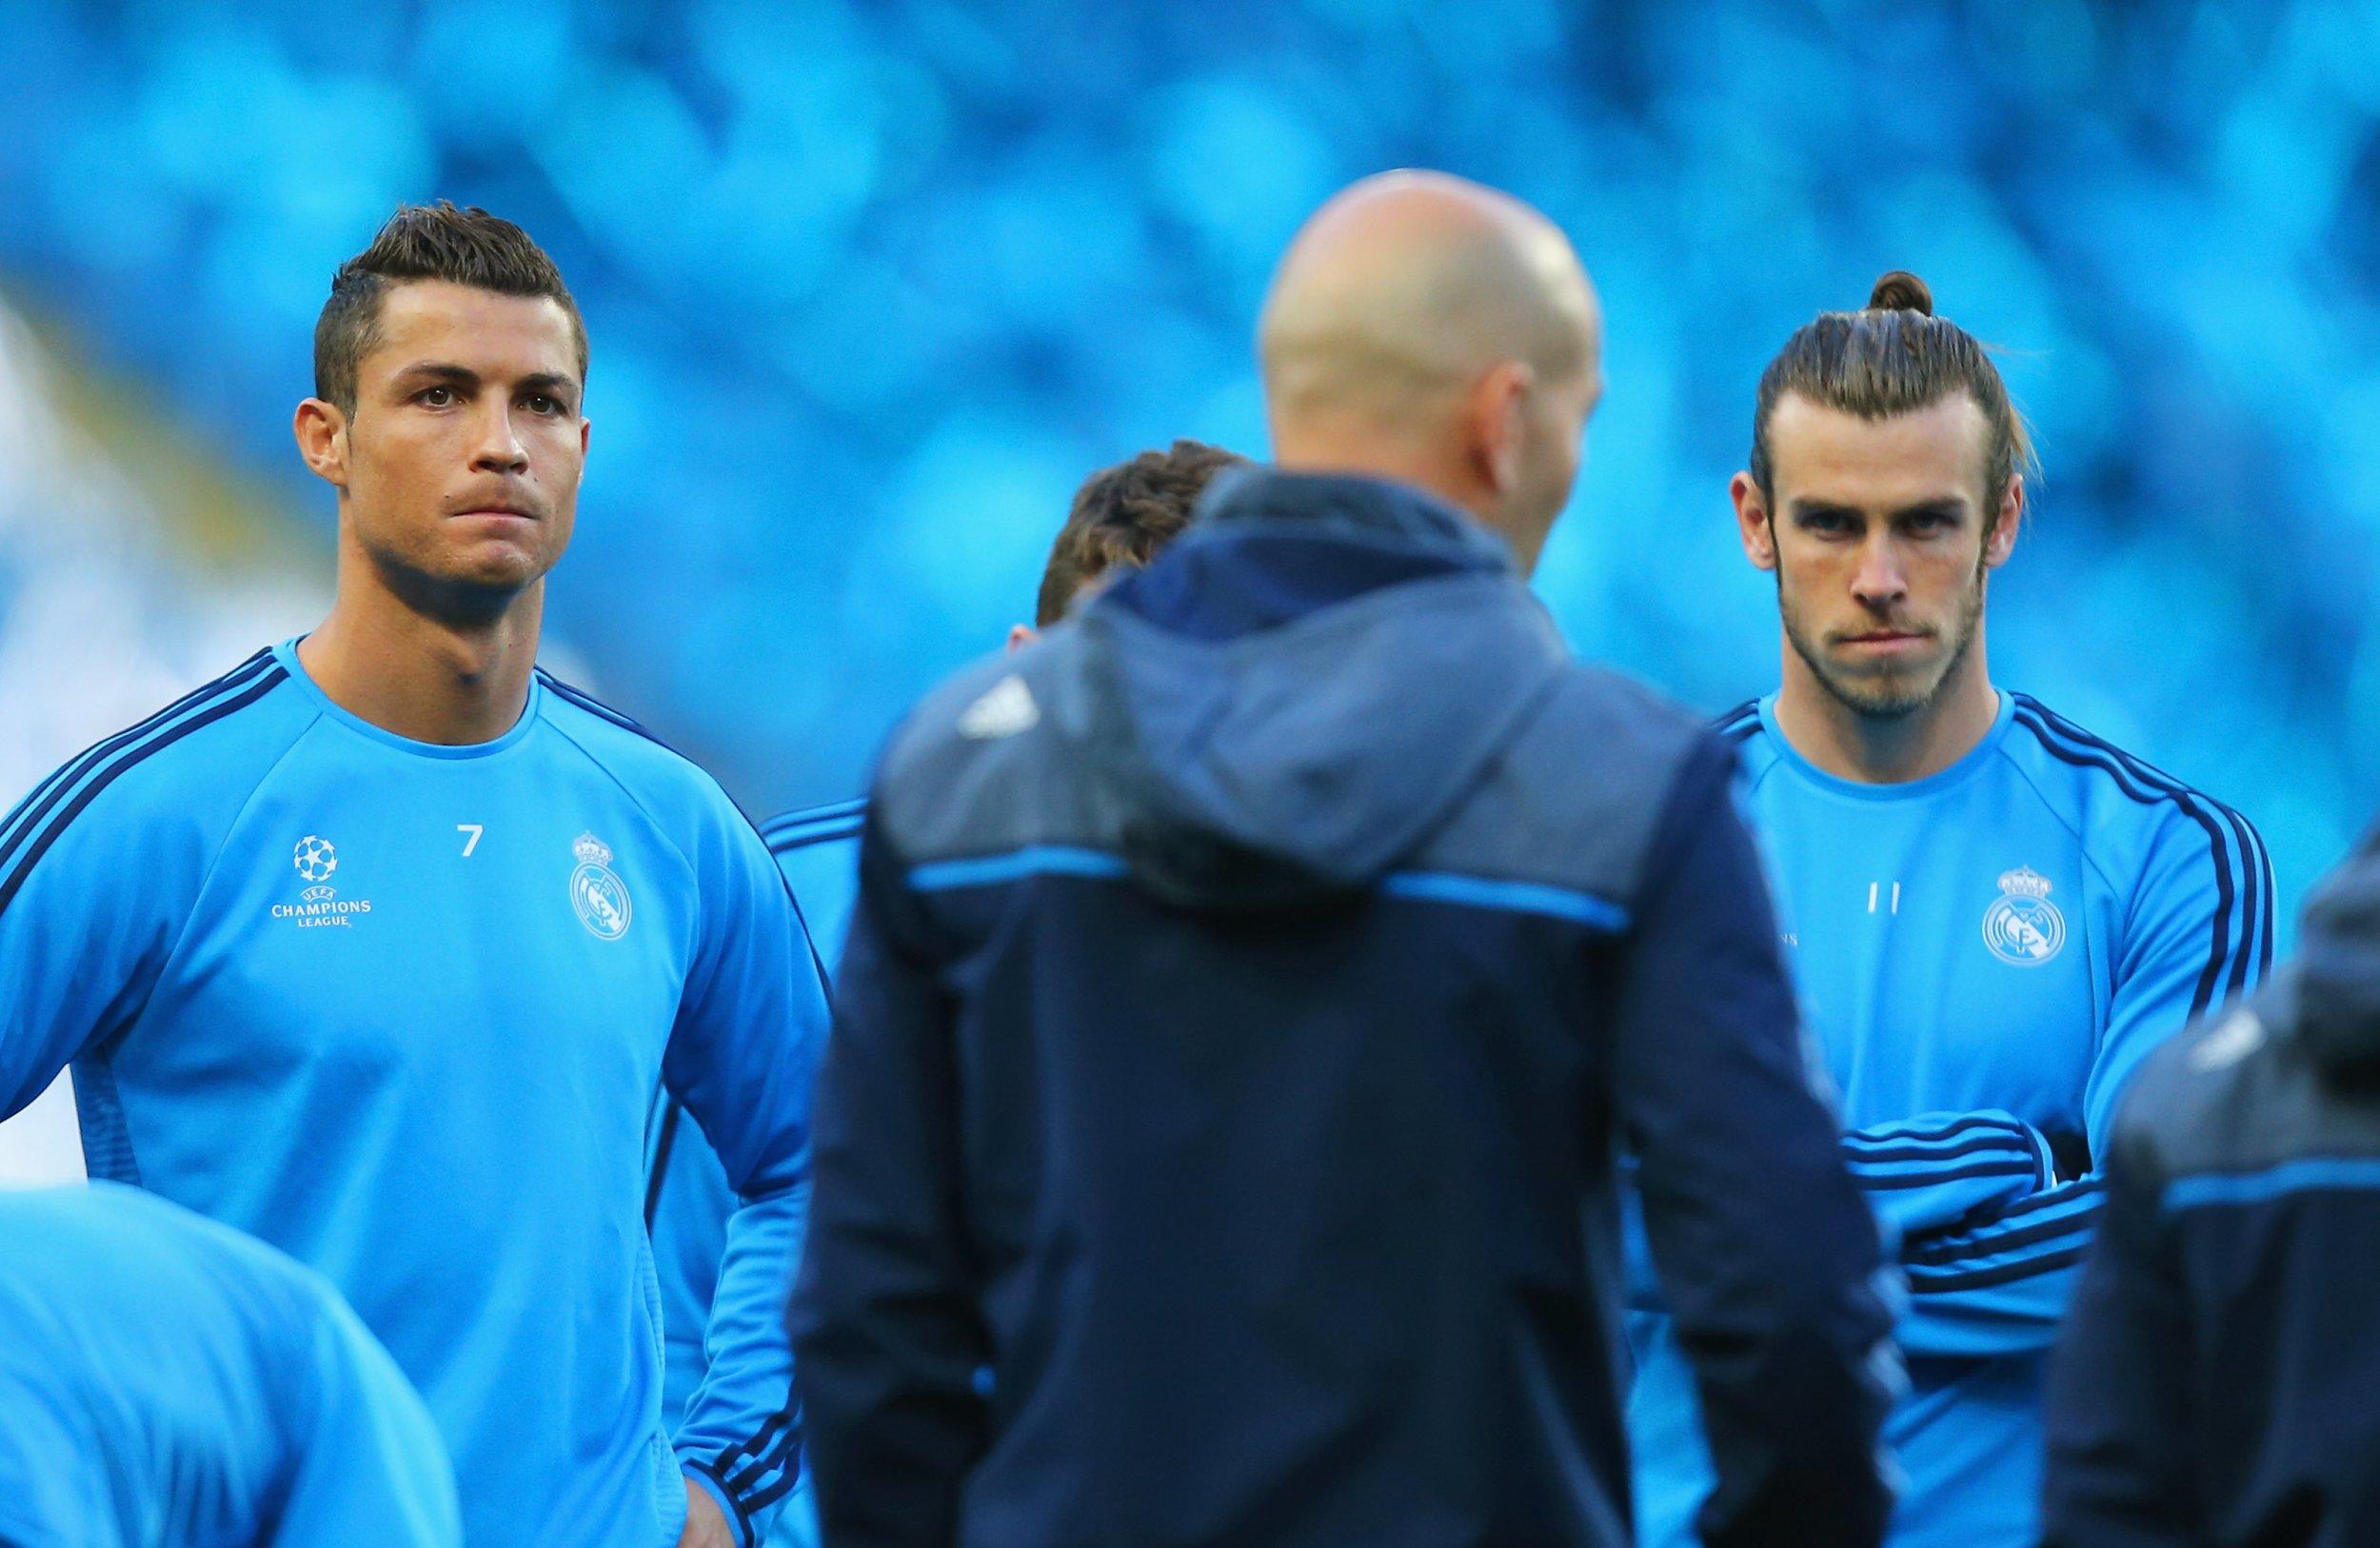 Cristiano Ronaldo, left, with teammate Gareth Bale.